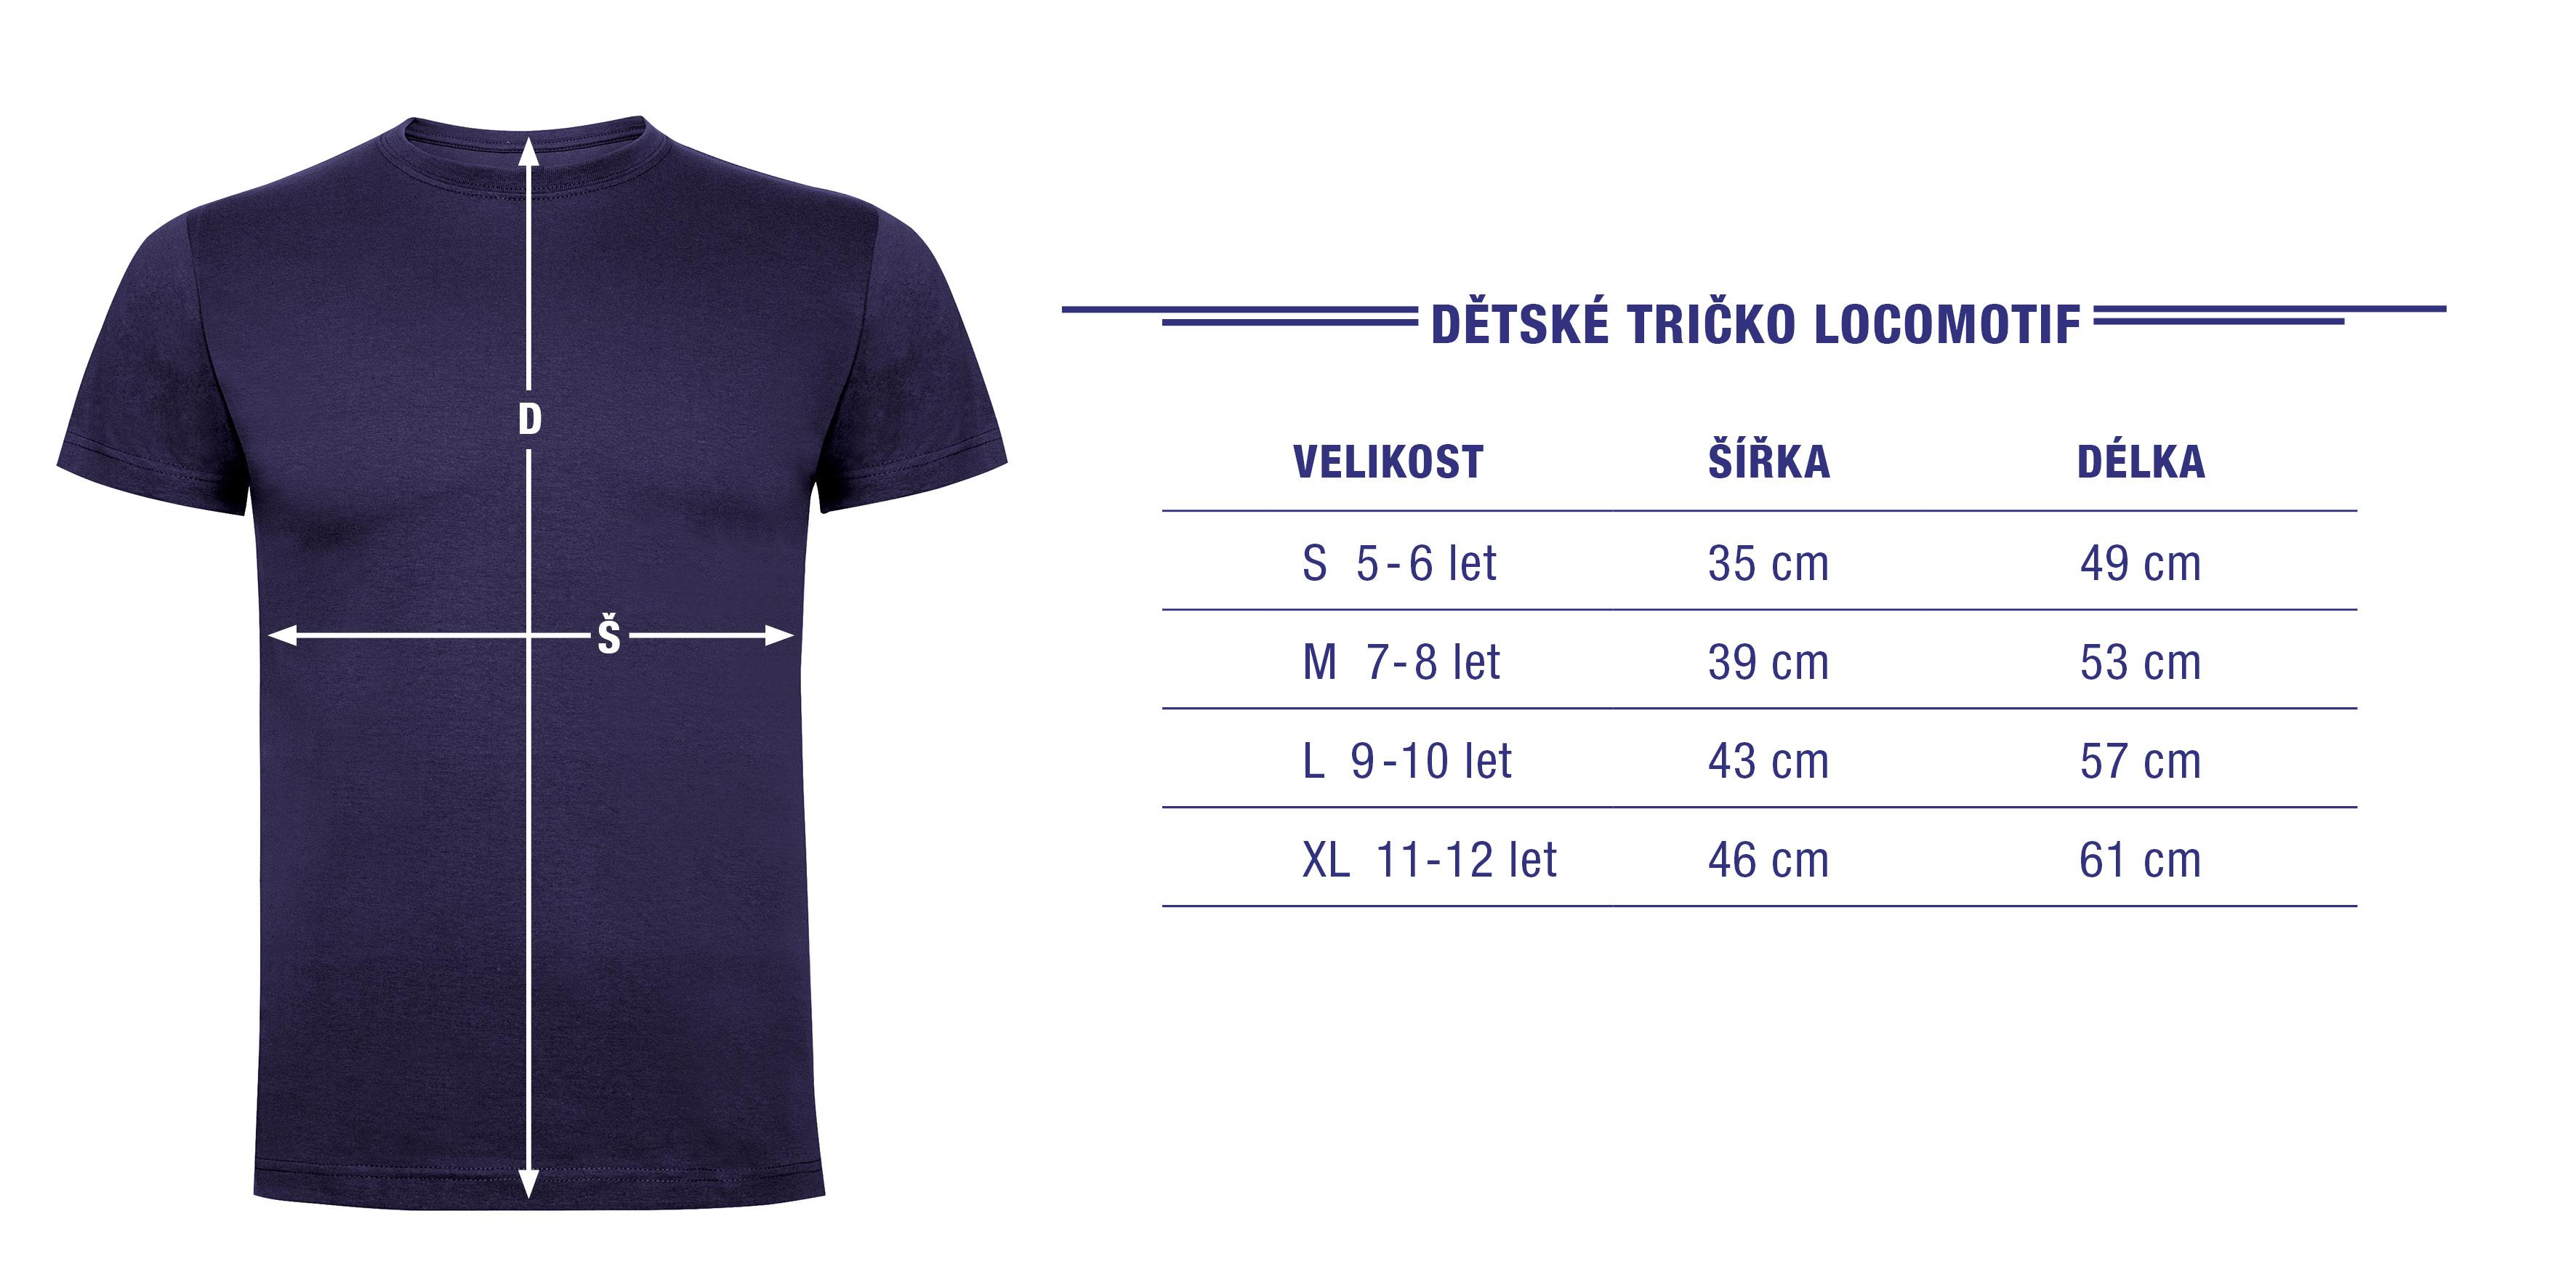 2detske_triko_velikost